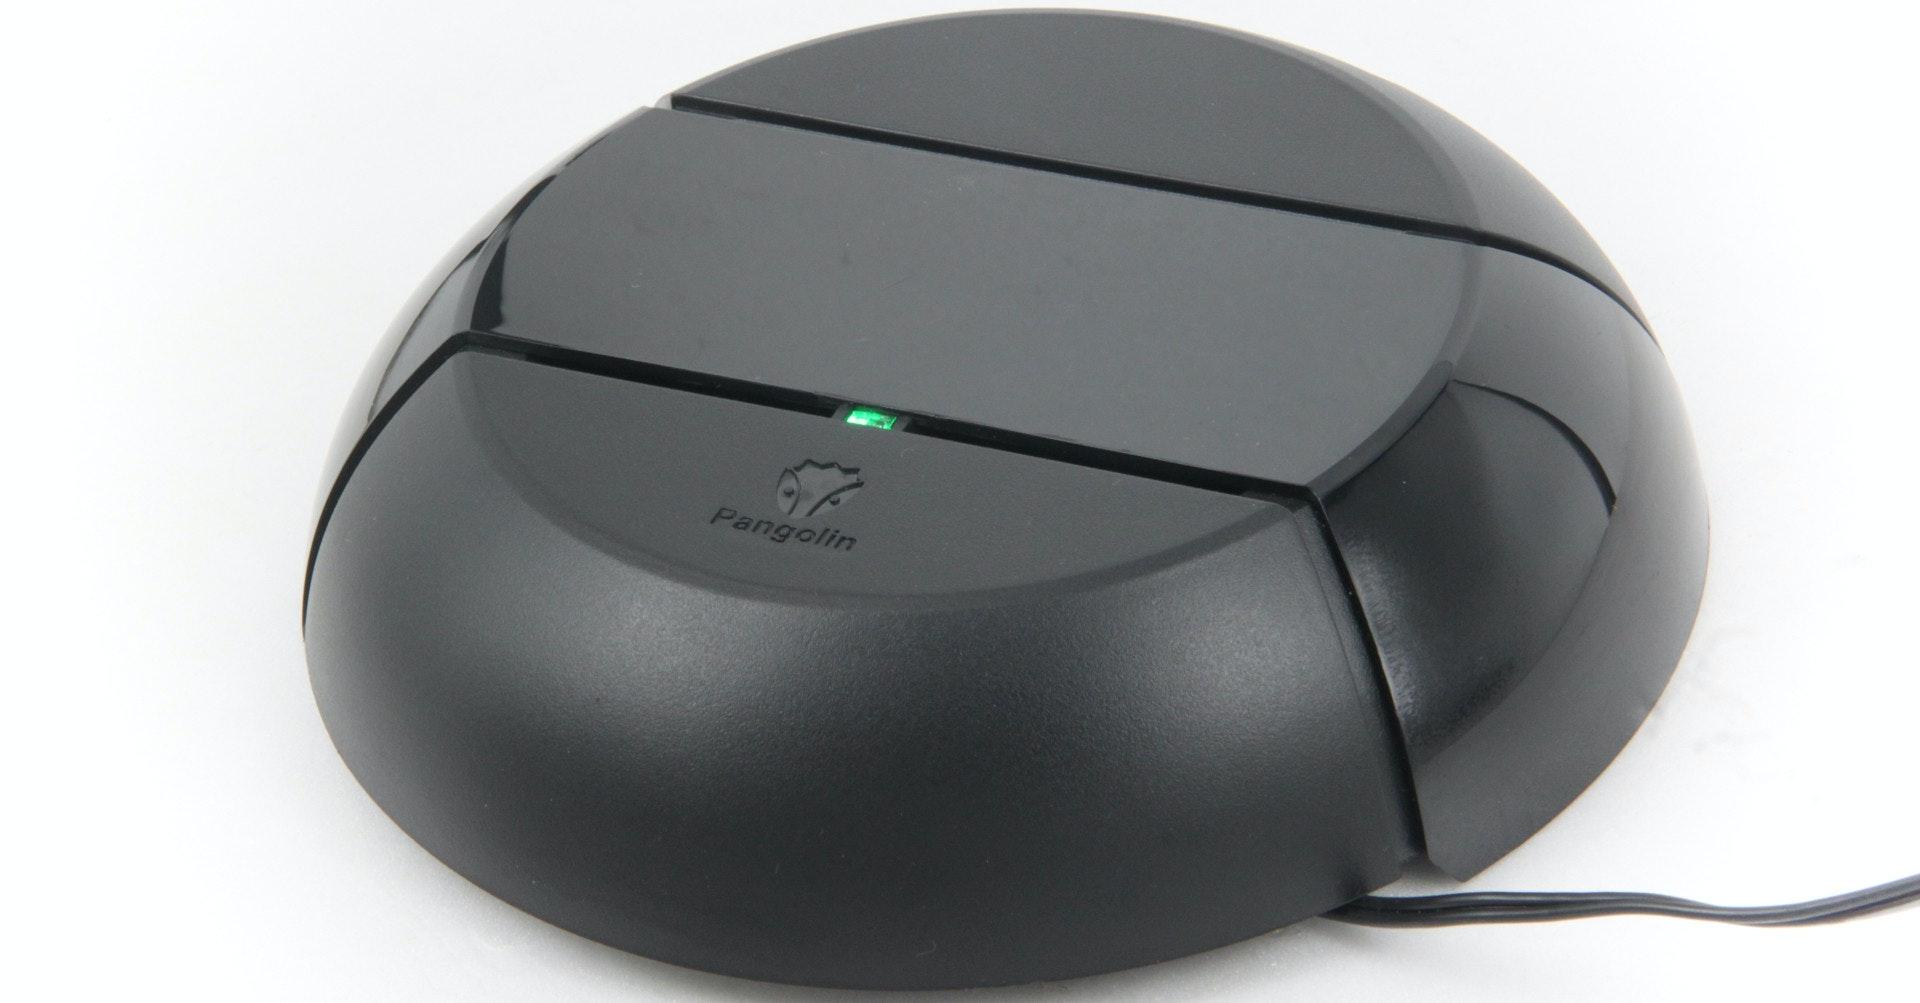 照片中提到了Pangolin,跟數據狗有關,包含了老鼠、輸入設備、電腦鼠標、產品設計、產品